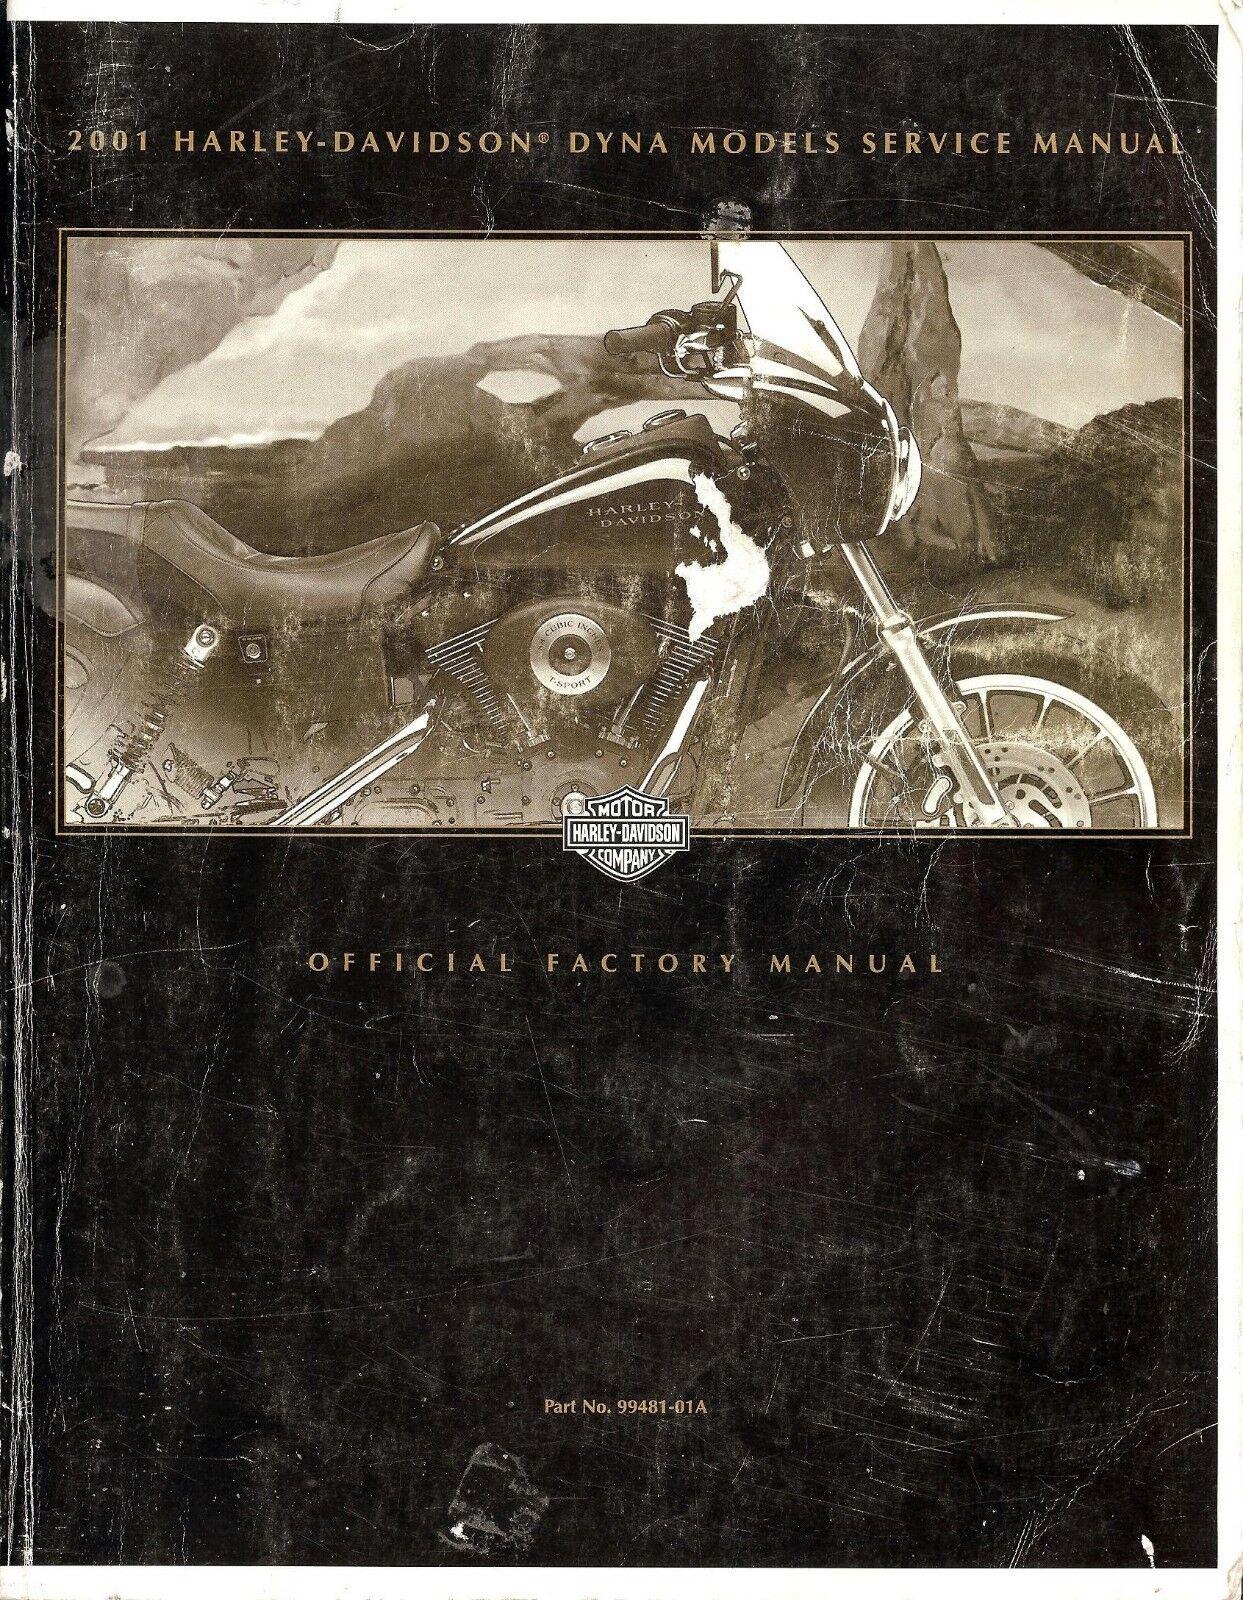 2001 Harley-Davidson Dyna Service Manual